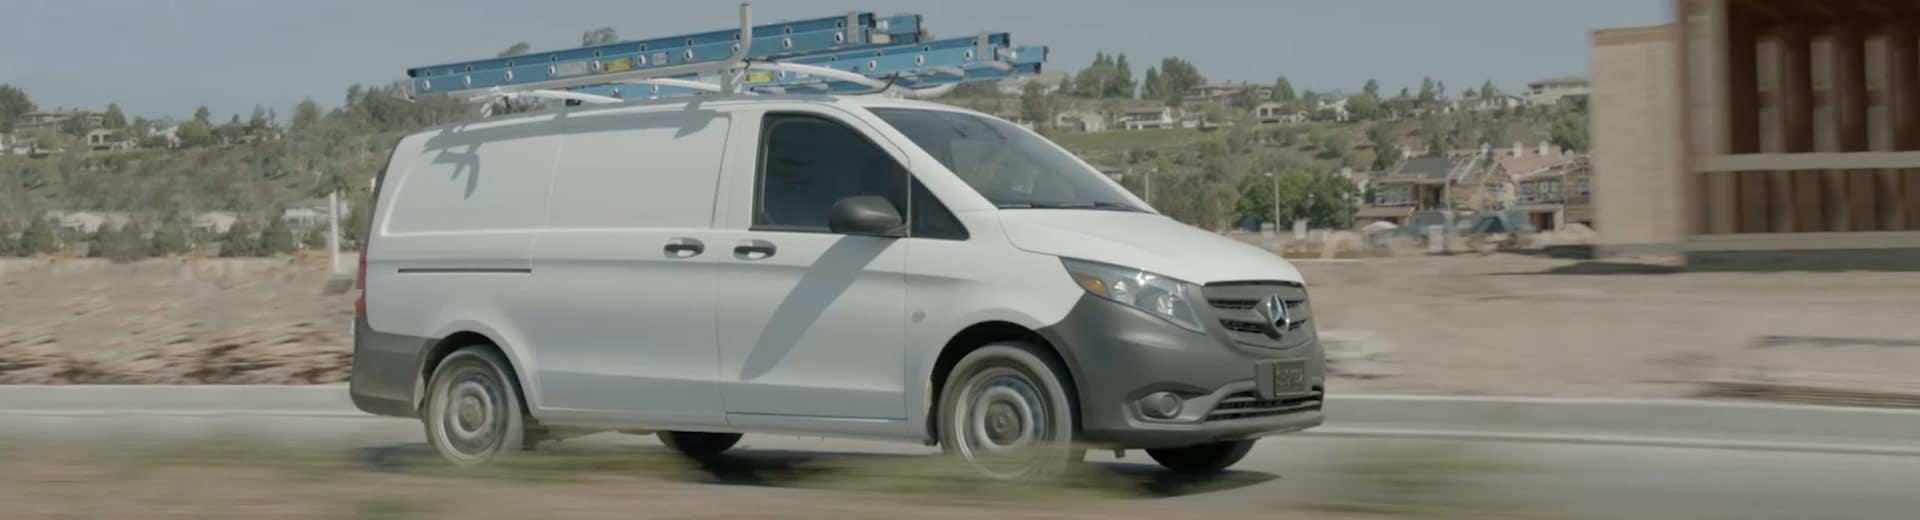 White Metris van driving down a road